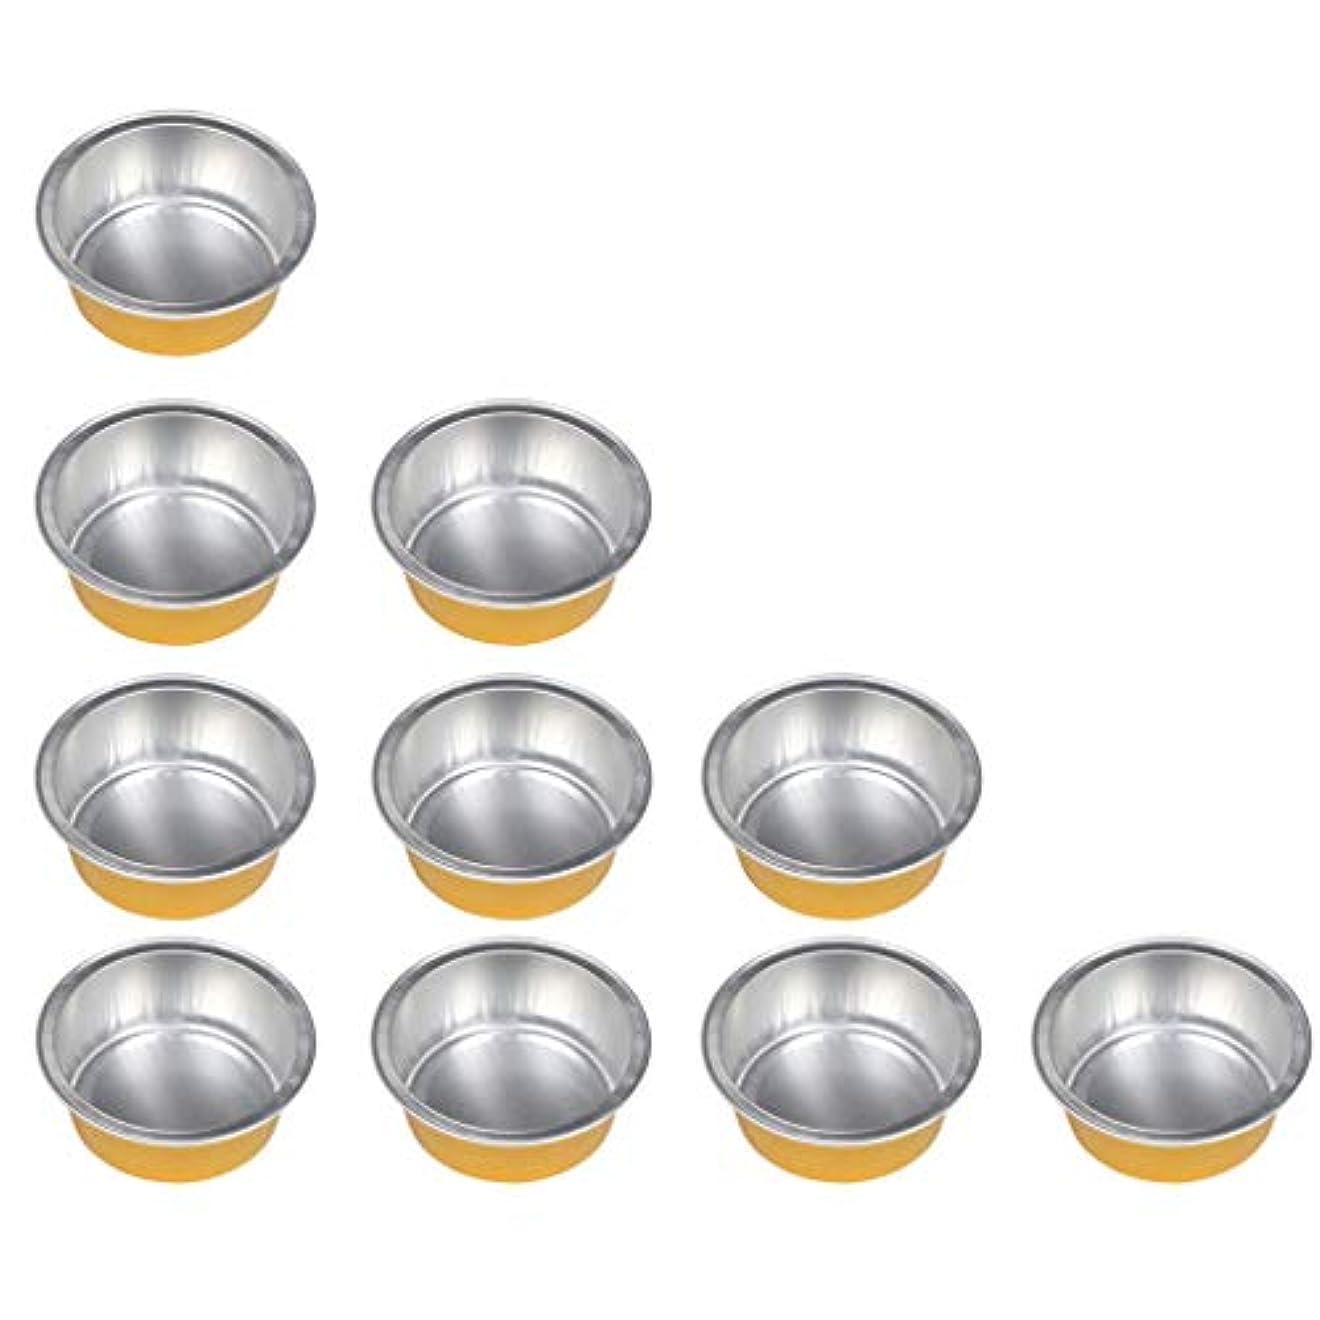 抑圧する麻酔薬れるHellery 10個セット ワックスボウル ミニボウル アルミホイルボウル ワックス豆体 溶融 衛生的 2種選ぶ - ゴールデン1